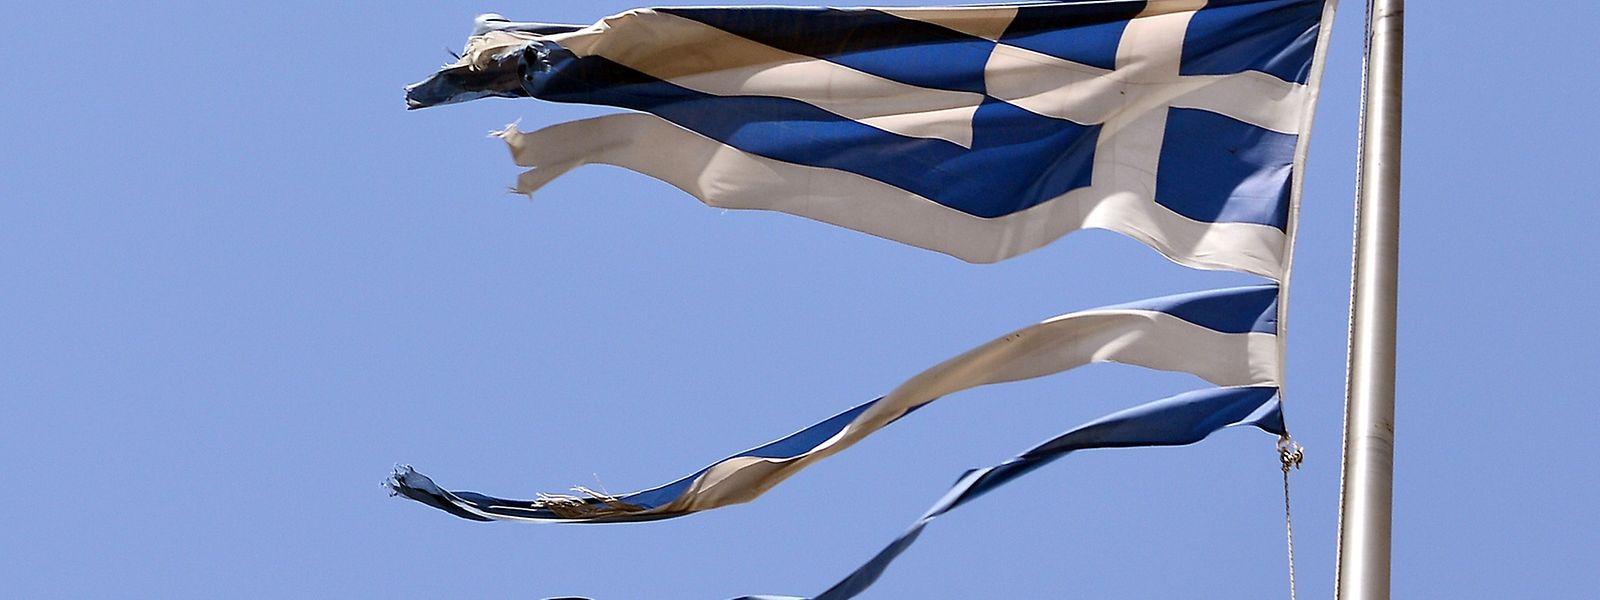 Im griechischen Parlament haben sich am Freitag 25 Abgeordnete des linken Flügels von der bislang regierenden Syriza Partei abgetrennt.